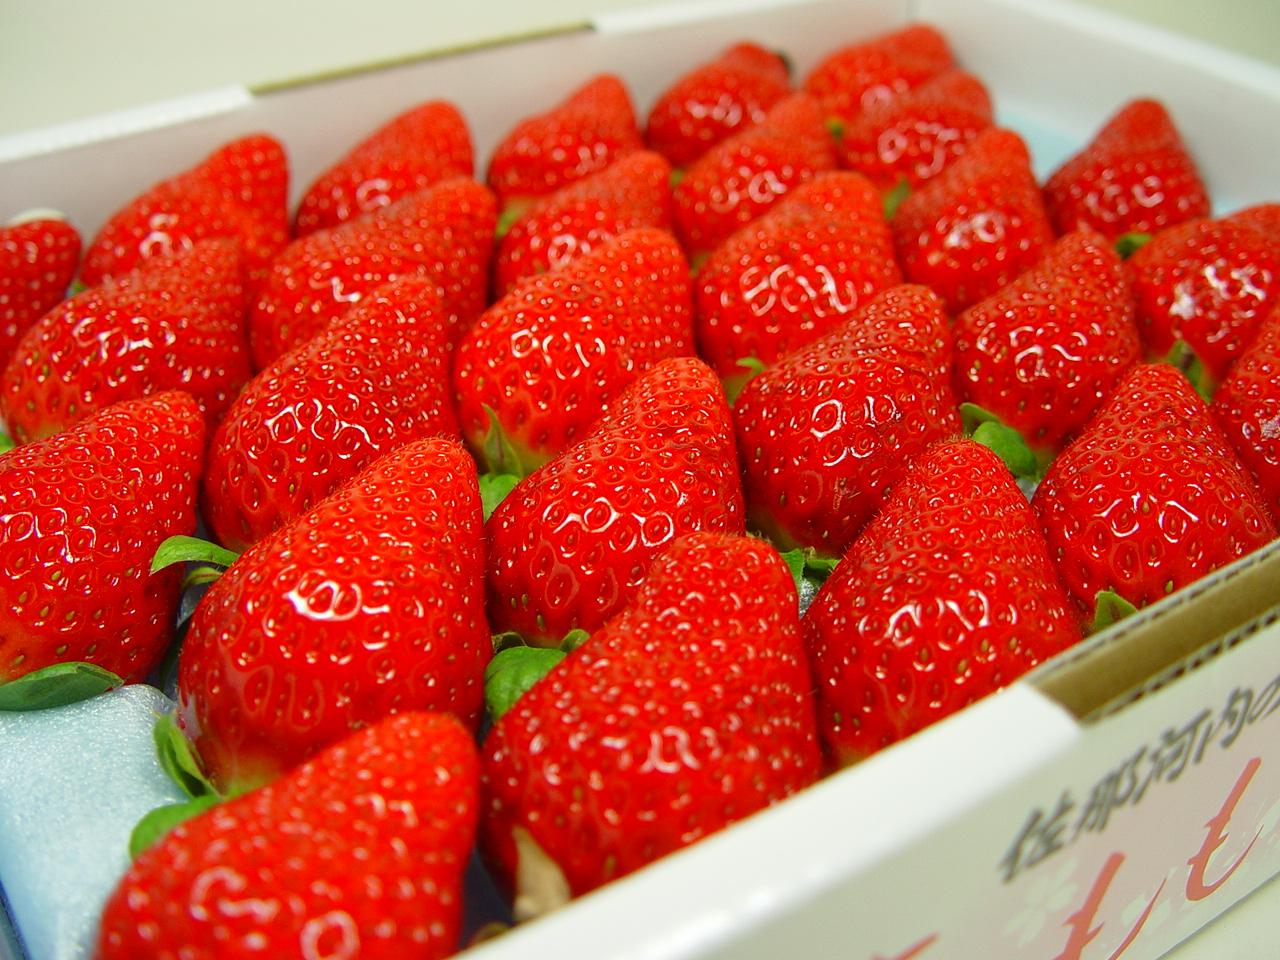 徳島県佐那河内村産 さくらももいちご 28粒入り 市場へ出荷されて間もない苺の新品種!甘さ抜群でとっても食味が良いイチゴの逸品! 発送予定:1月上旬